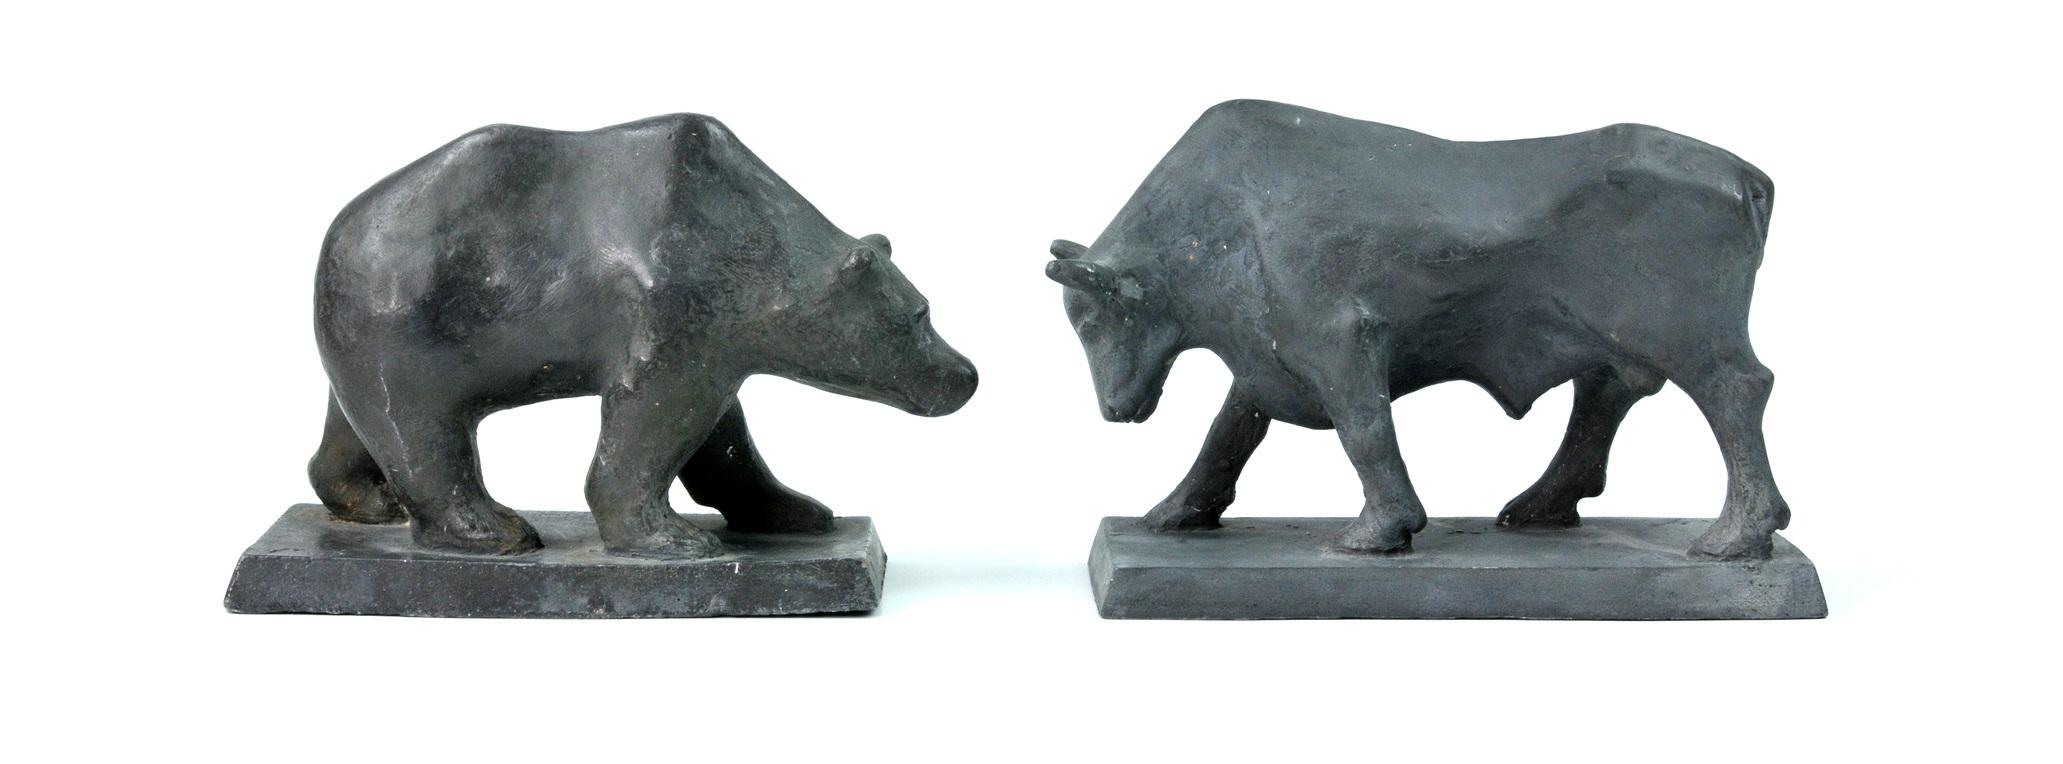 mi a medve és a bika a kereskedelemben a bináris opciók stratégiája és elmélete